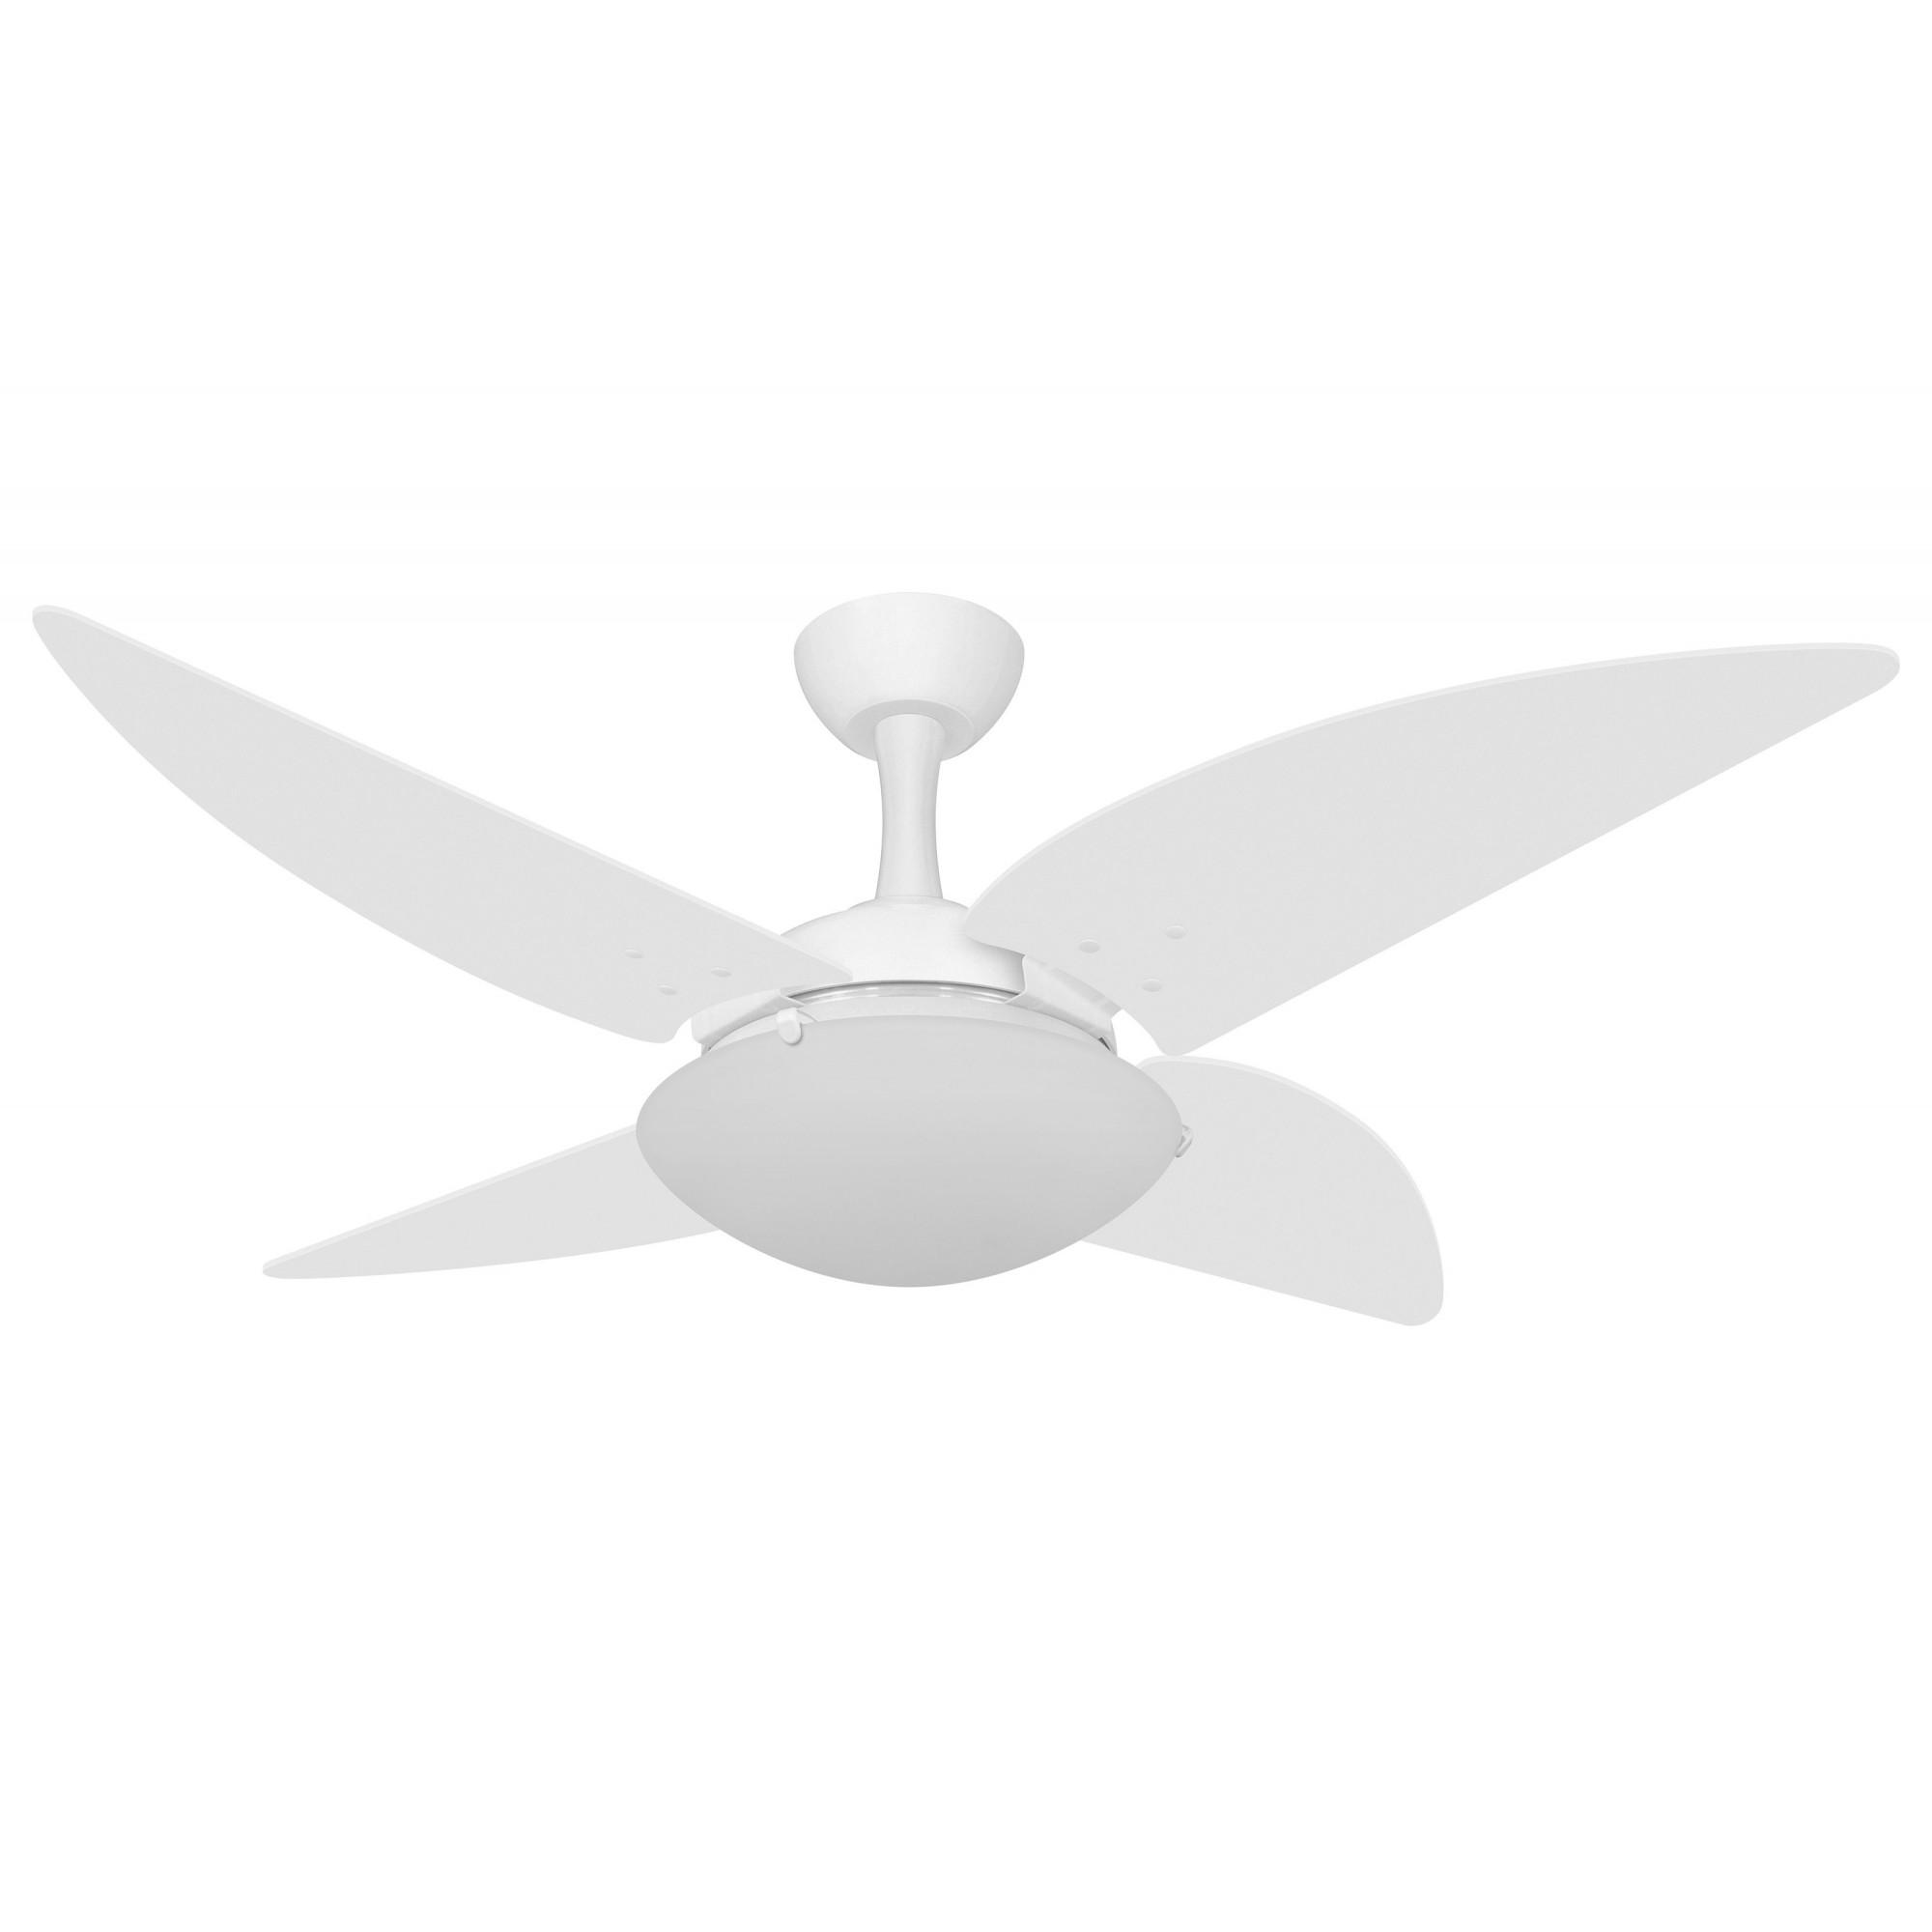 Ventilador de Teto Ventax Uno Branco 4 Pás de Plastico 110V